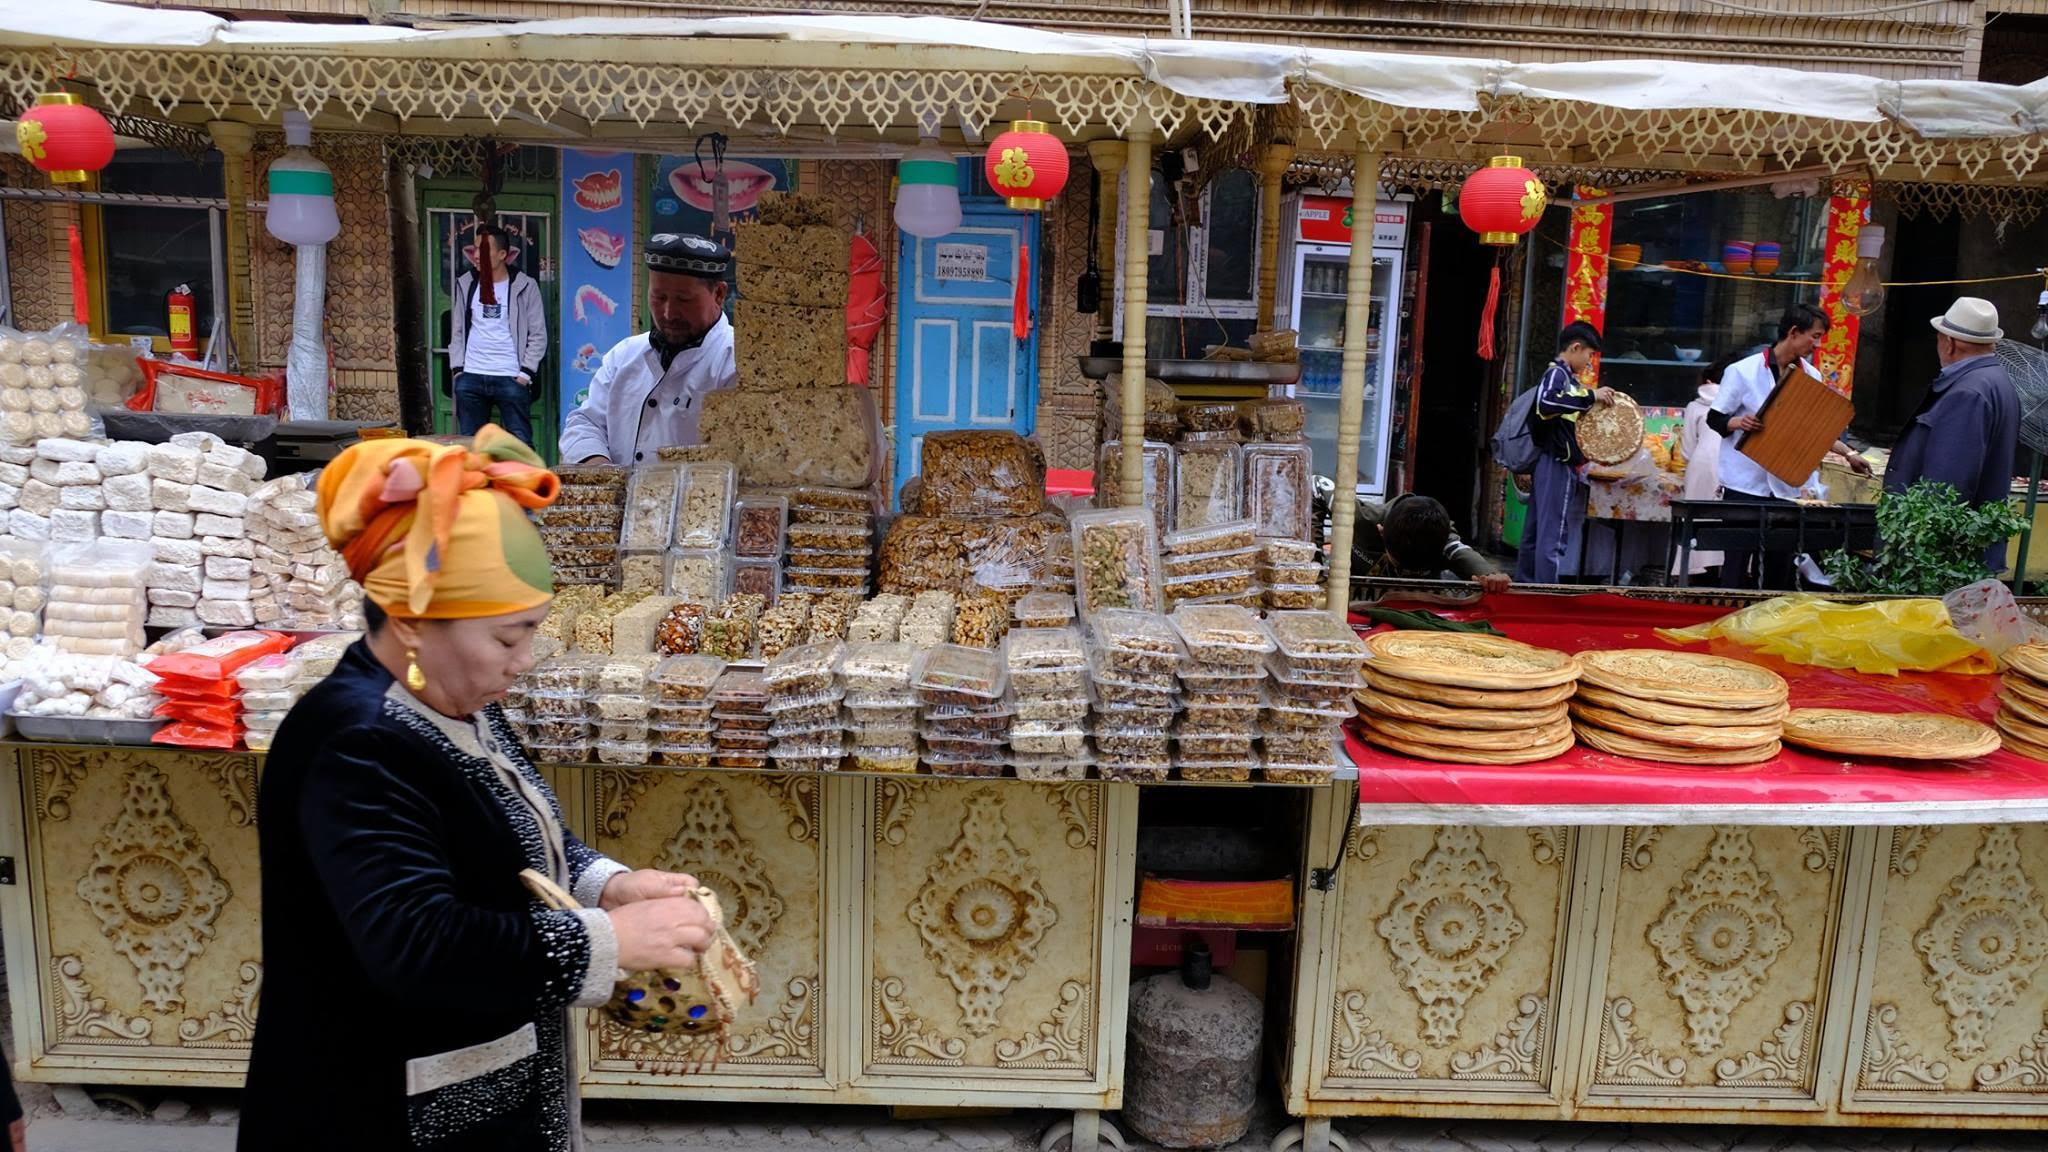 A marketplace in Xinjiang, China (Image: Yiming Zhao)